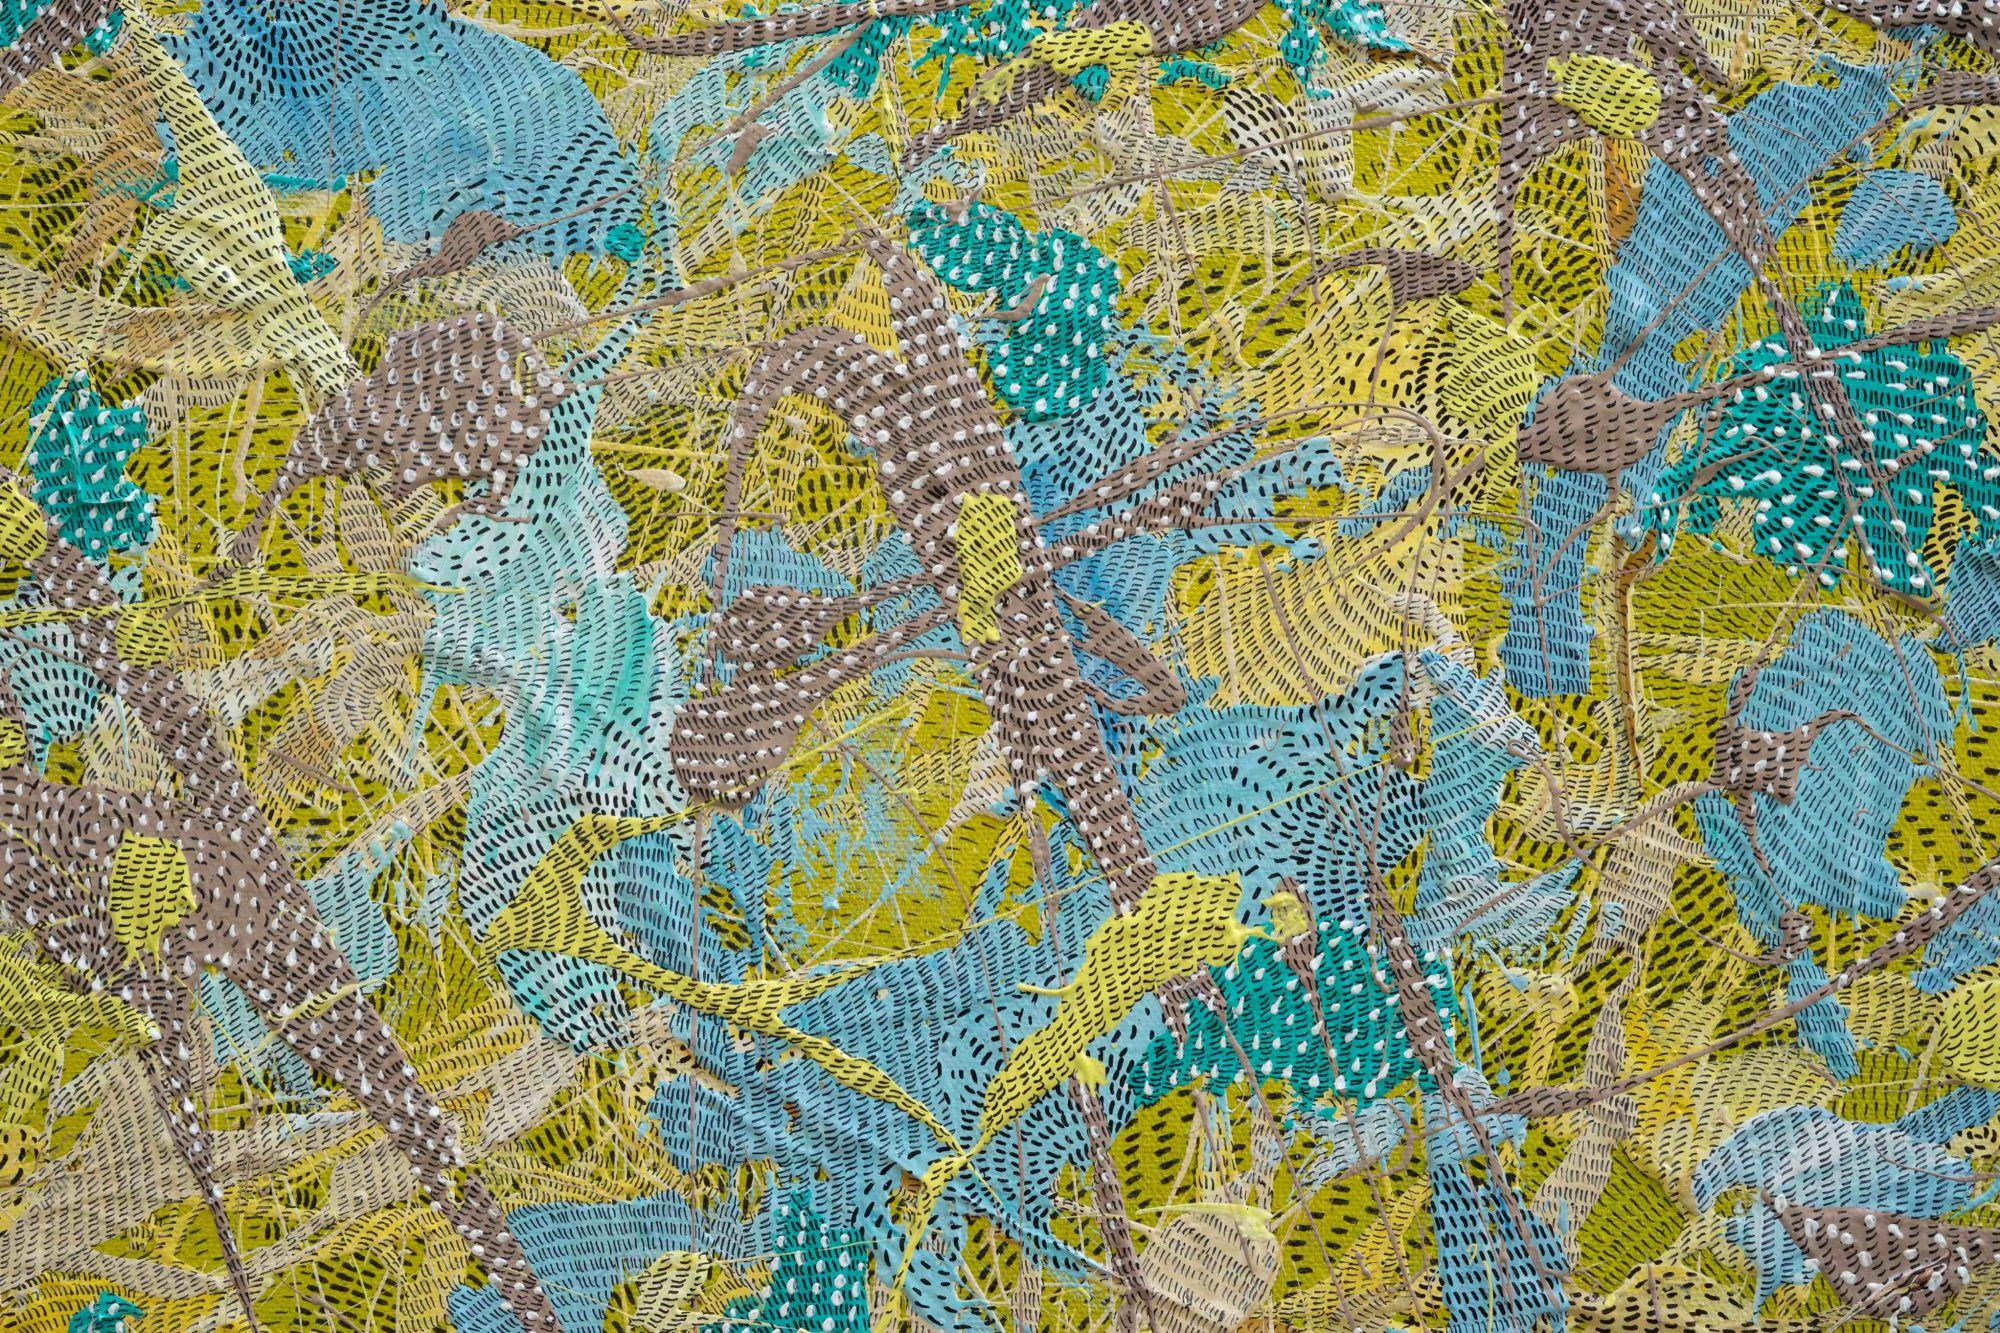 皇室貴族爭相收藏的東南亞當代藝術正夯, 不可錯過的抽象藝術展覽:詩意流轉-峇里島藝術家韋耶諾維個展